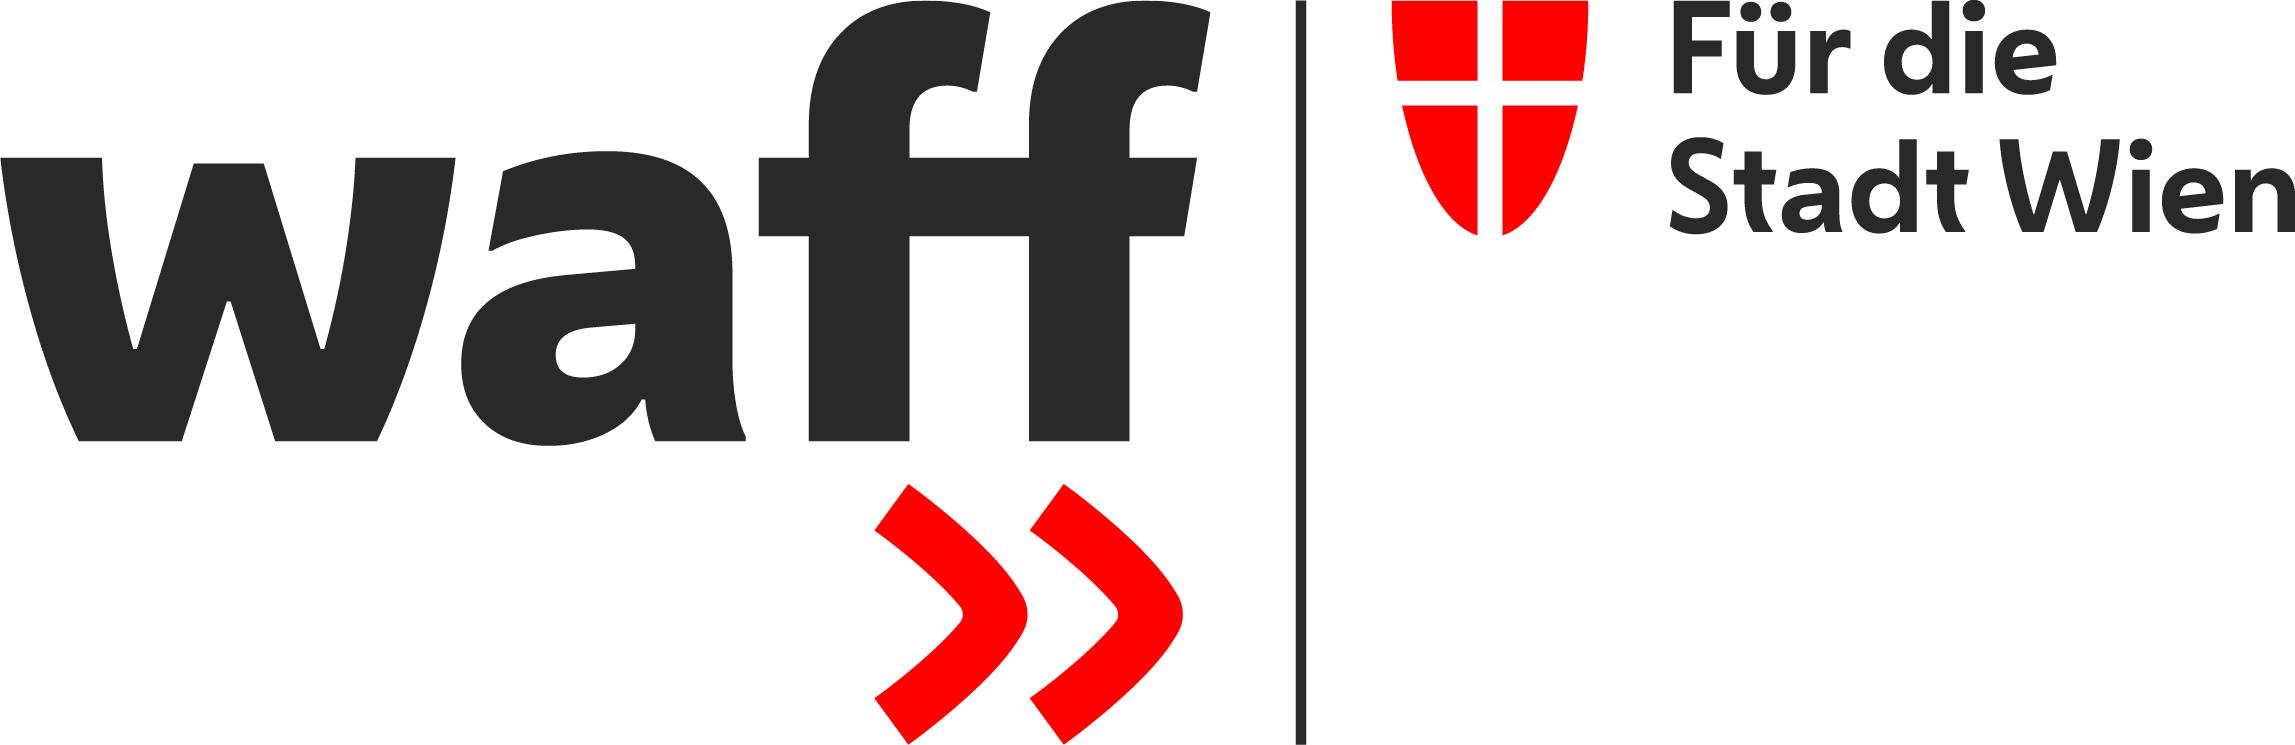 waff_stadtwien_logo_neu_RGB.jpg